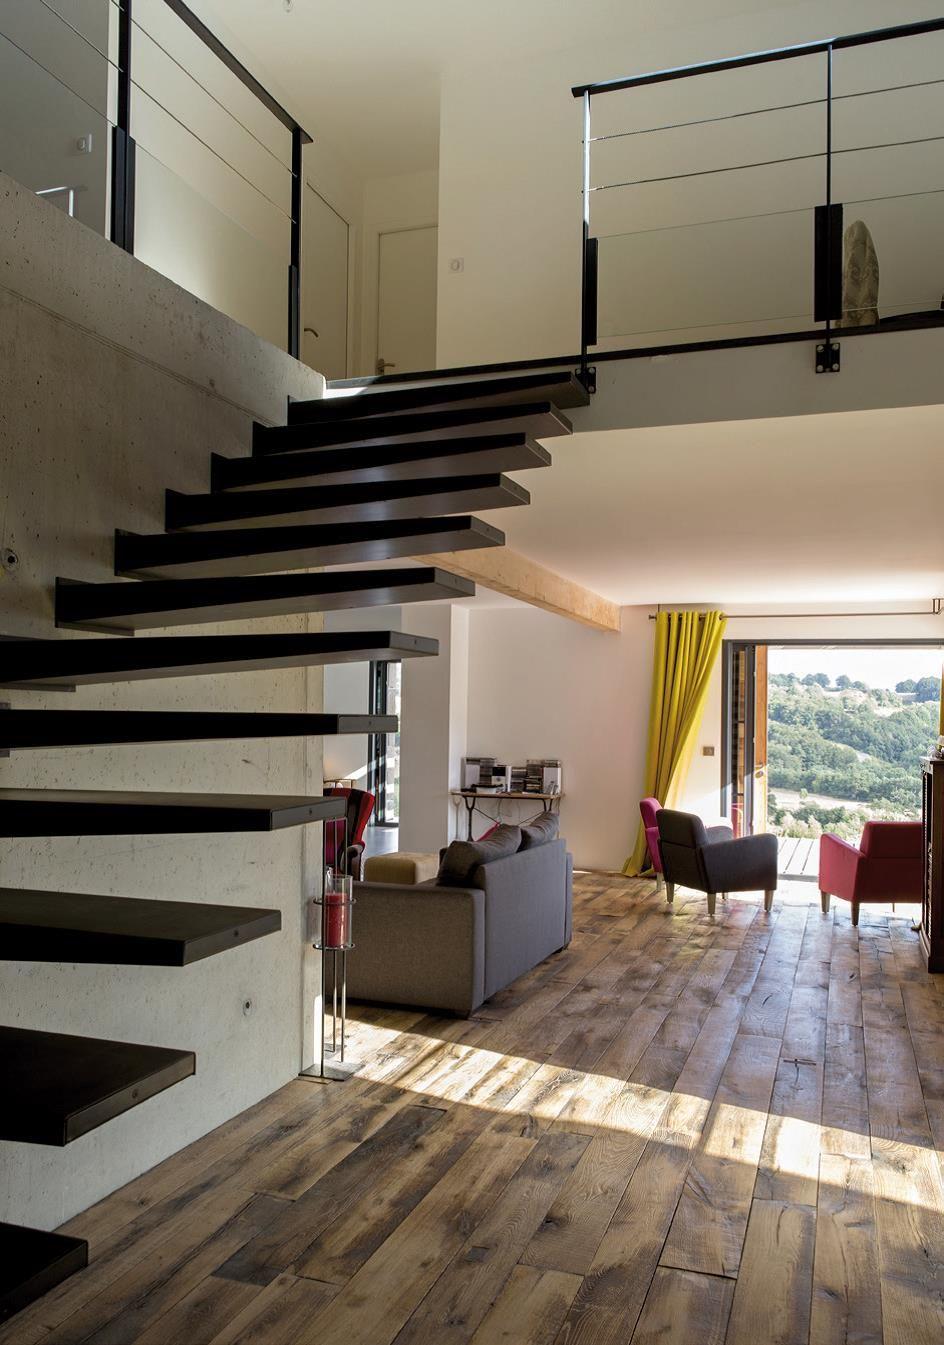 escalier dans hall d\'entrée maison avec mezzanine - Recherche Google ...